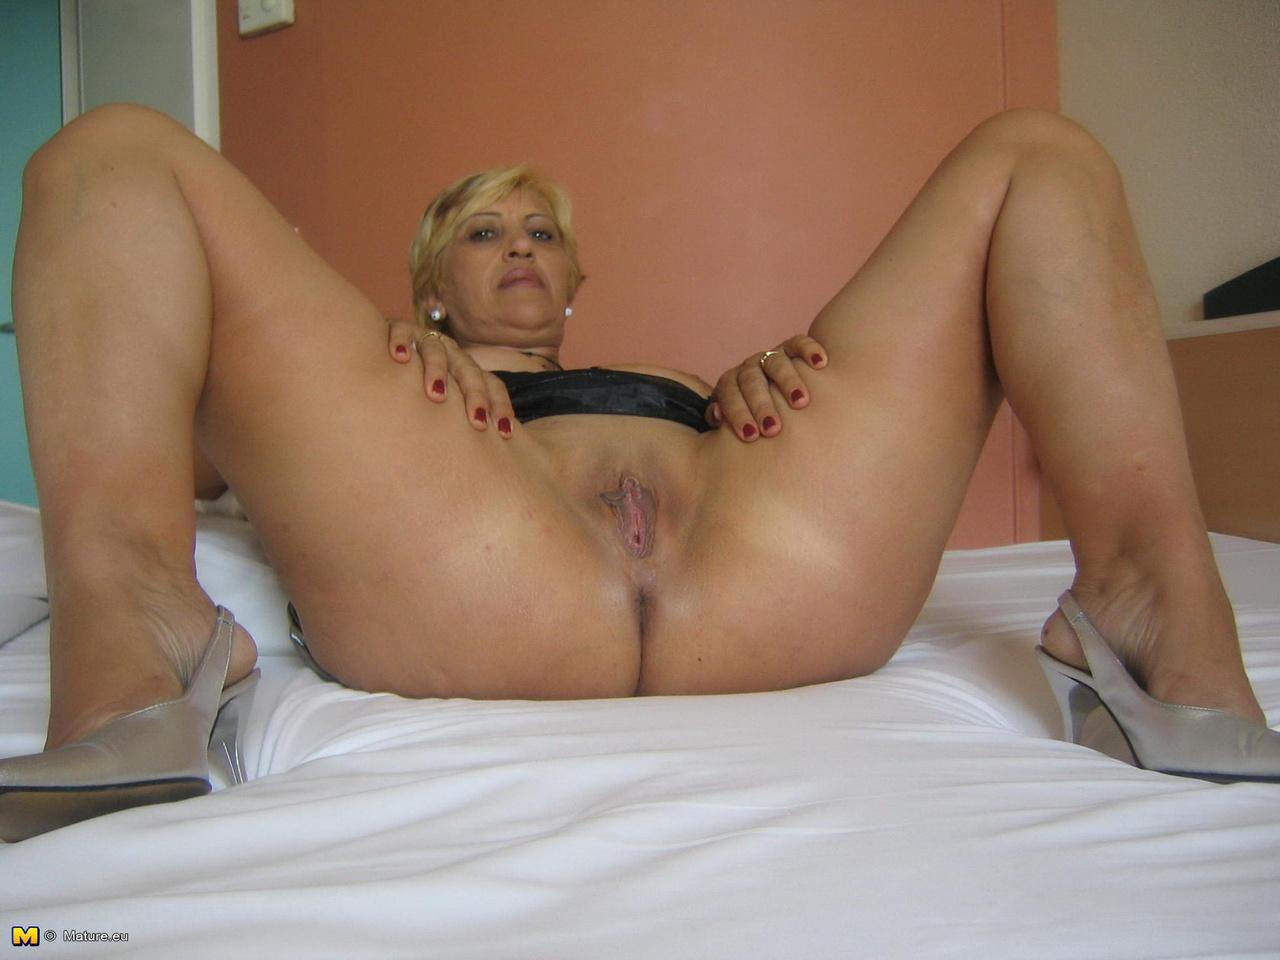 Частное фото зрелых женщин за 50 порно фото, Любительские фото голых зрелых женщин и мамок 6 фотография